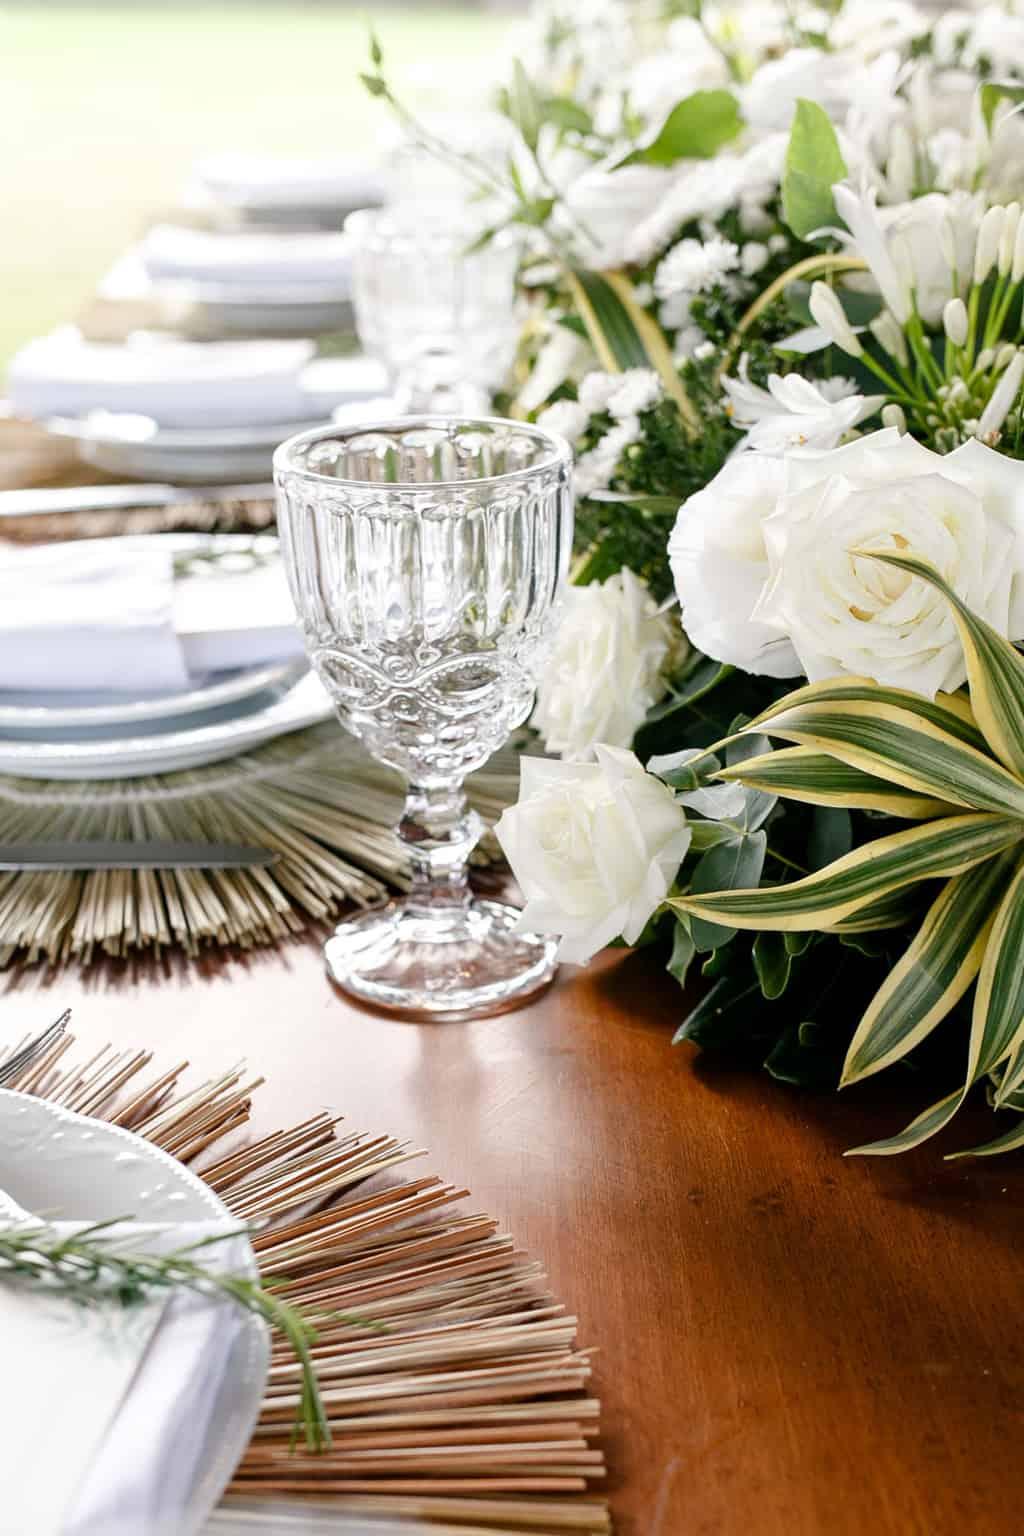 AL-Aline-e-Mauricio-bolo-de-casamento-capela-dos-milagres-casamento-casamento-na-praia-decoracao-de-casamento17-1